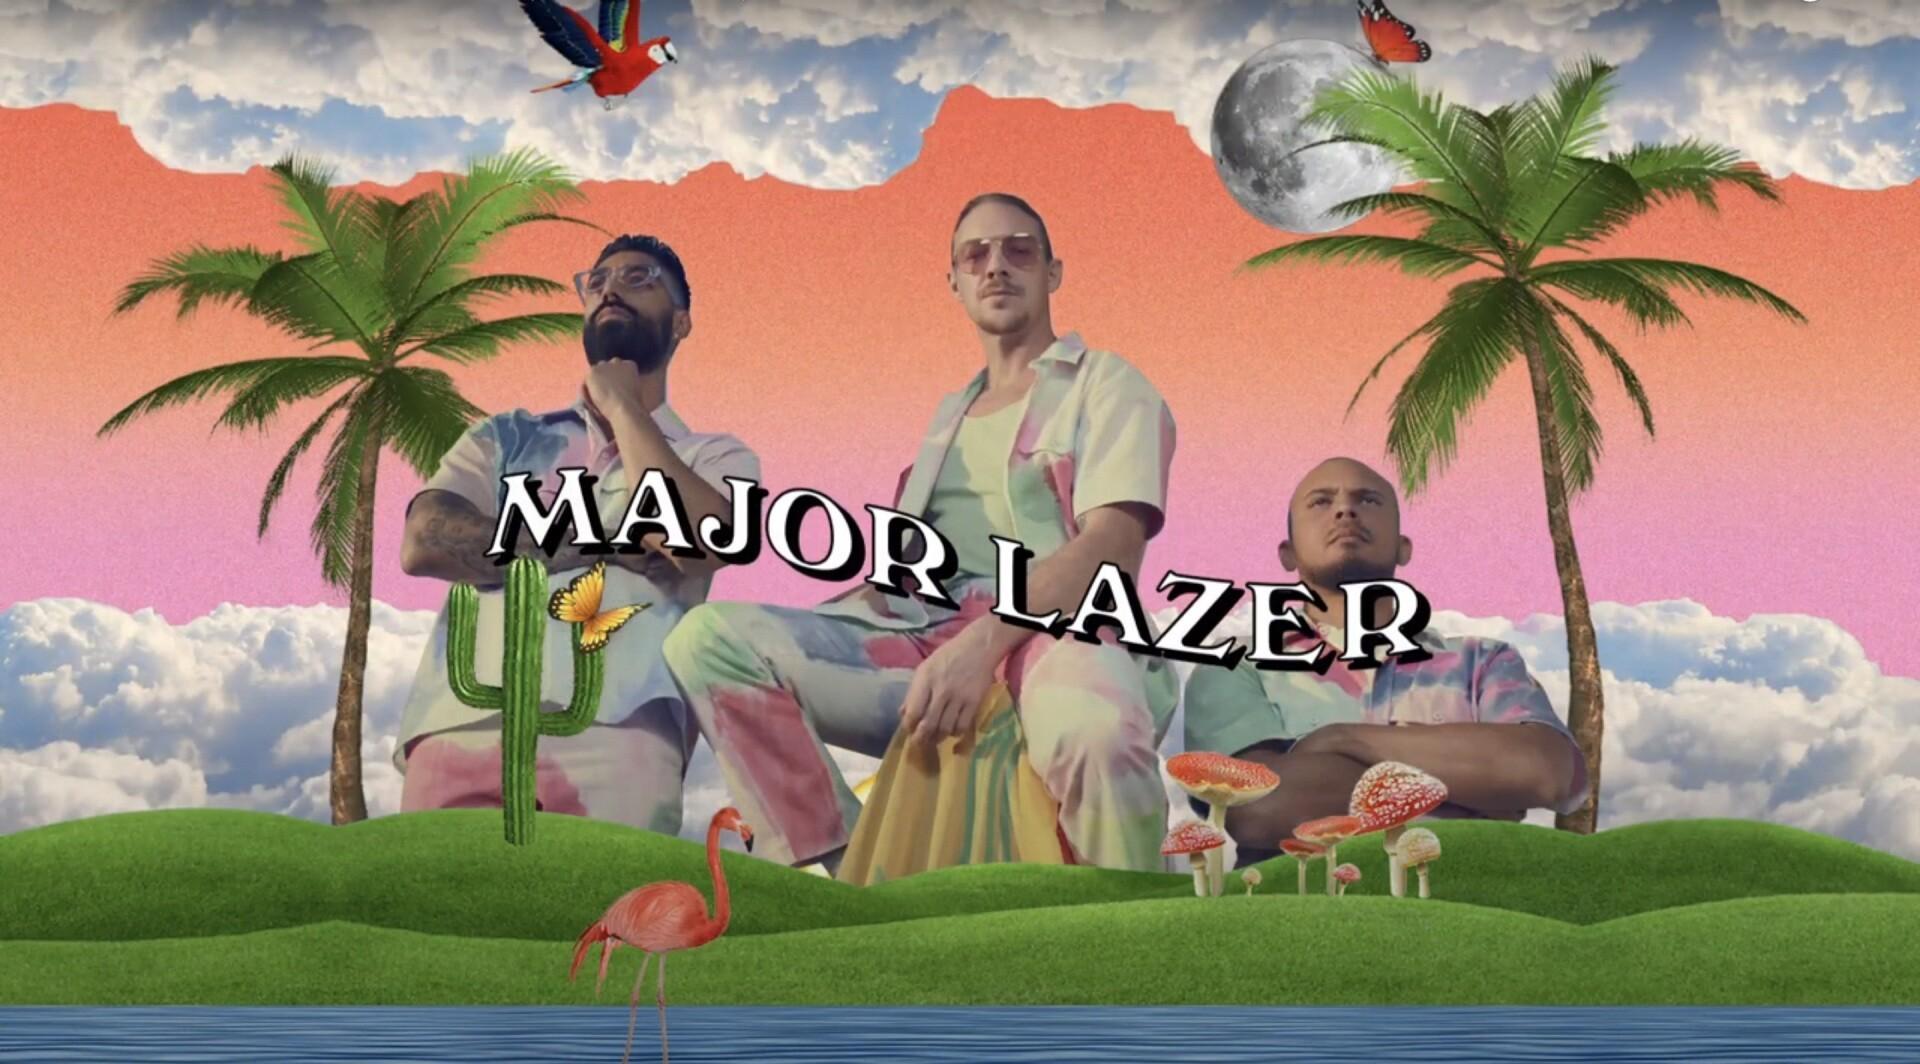 アブラカダブラ!【ABRACADABRA Virtual NYE Fest】John Legend、Kaskade、Major Lazerら出演のVR フェス、12月30〜1月1日の3日間開催